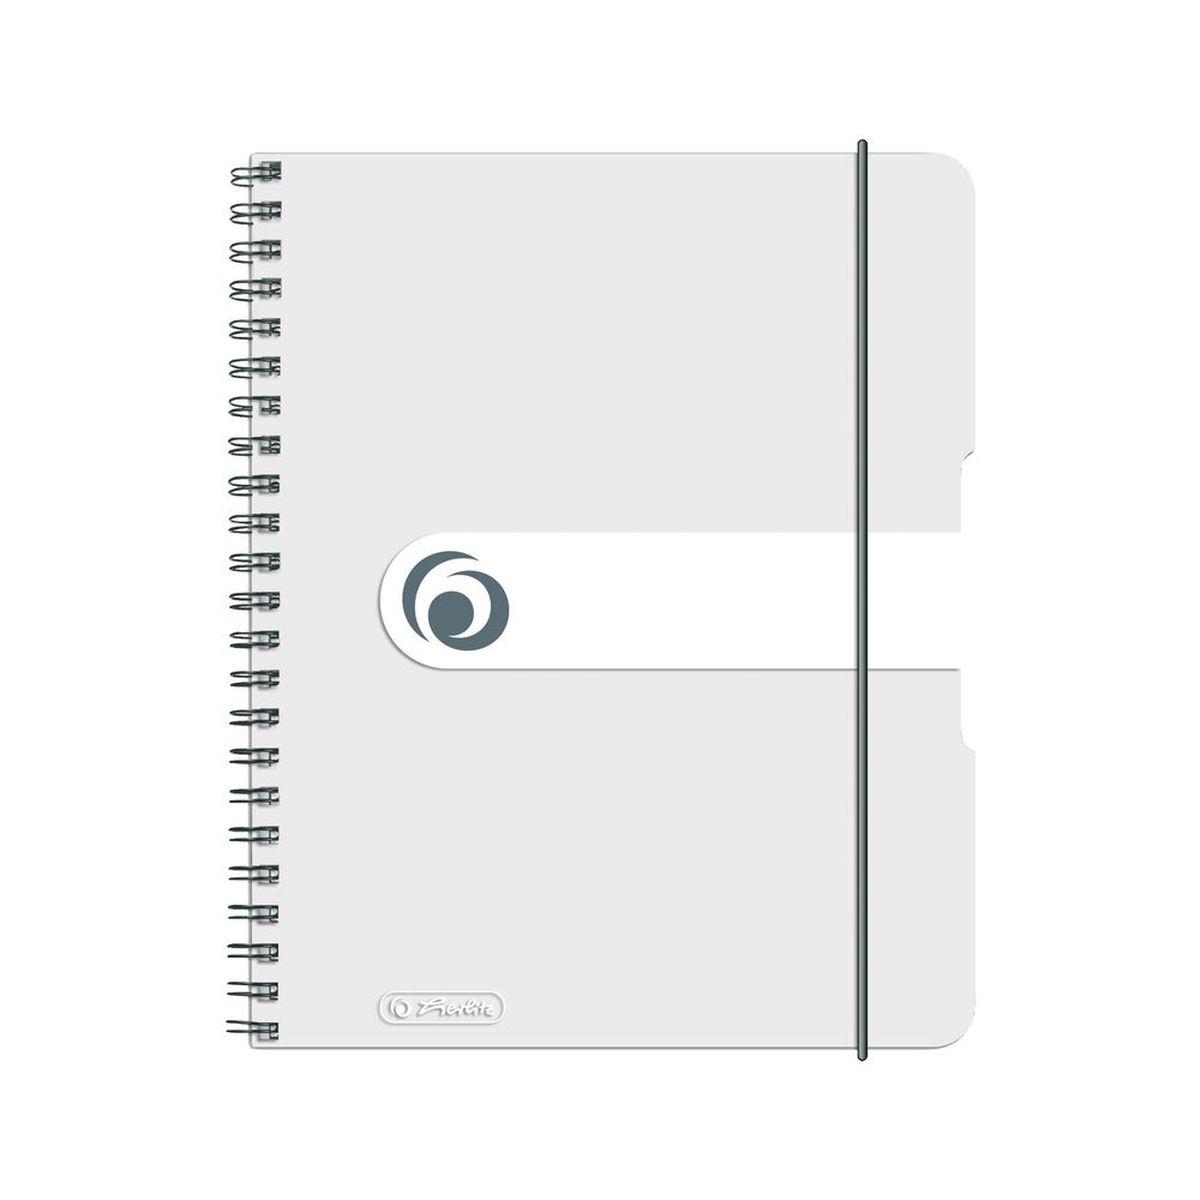 Herlitz Блокнот Easy Orga To Go 80 листов в клетку формат А5 цвет прозрачный ежедневник 80 листов а5 папирус 18217